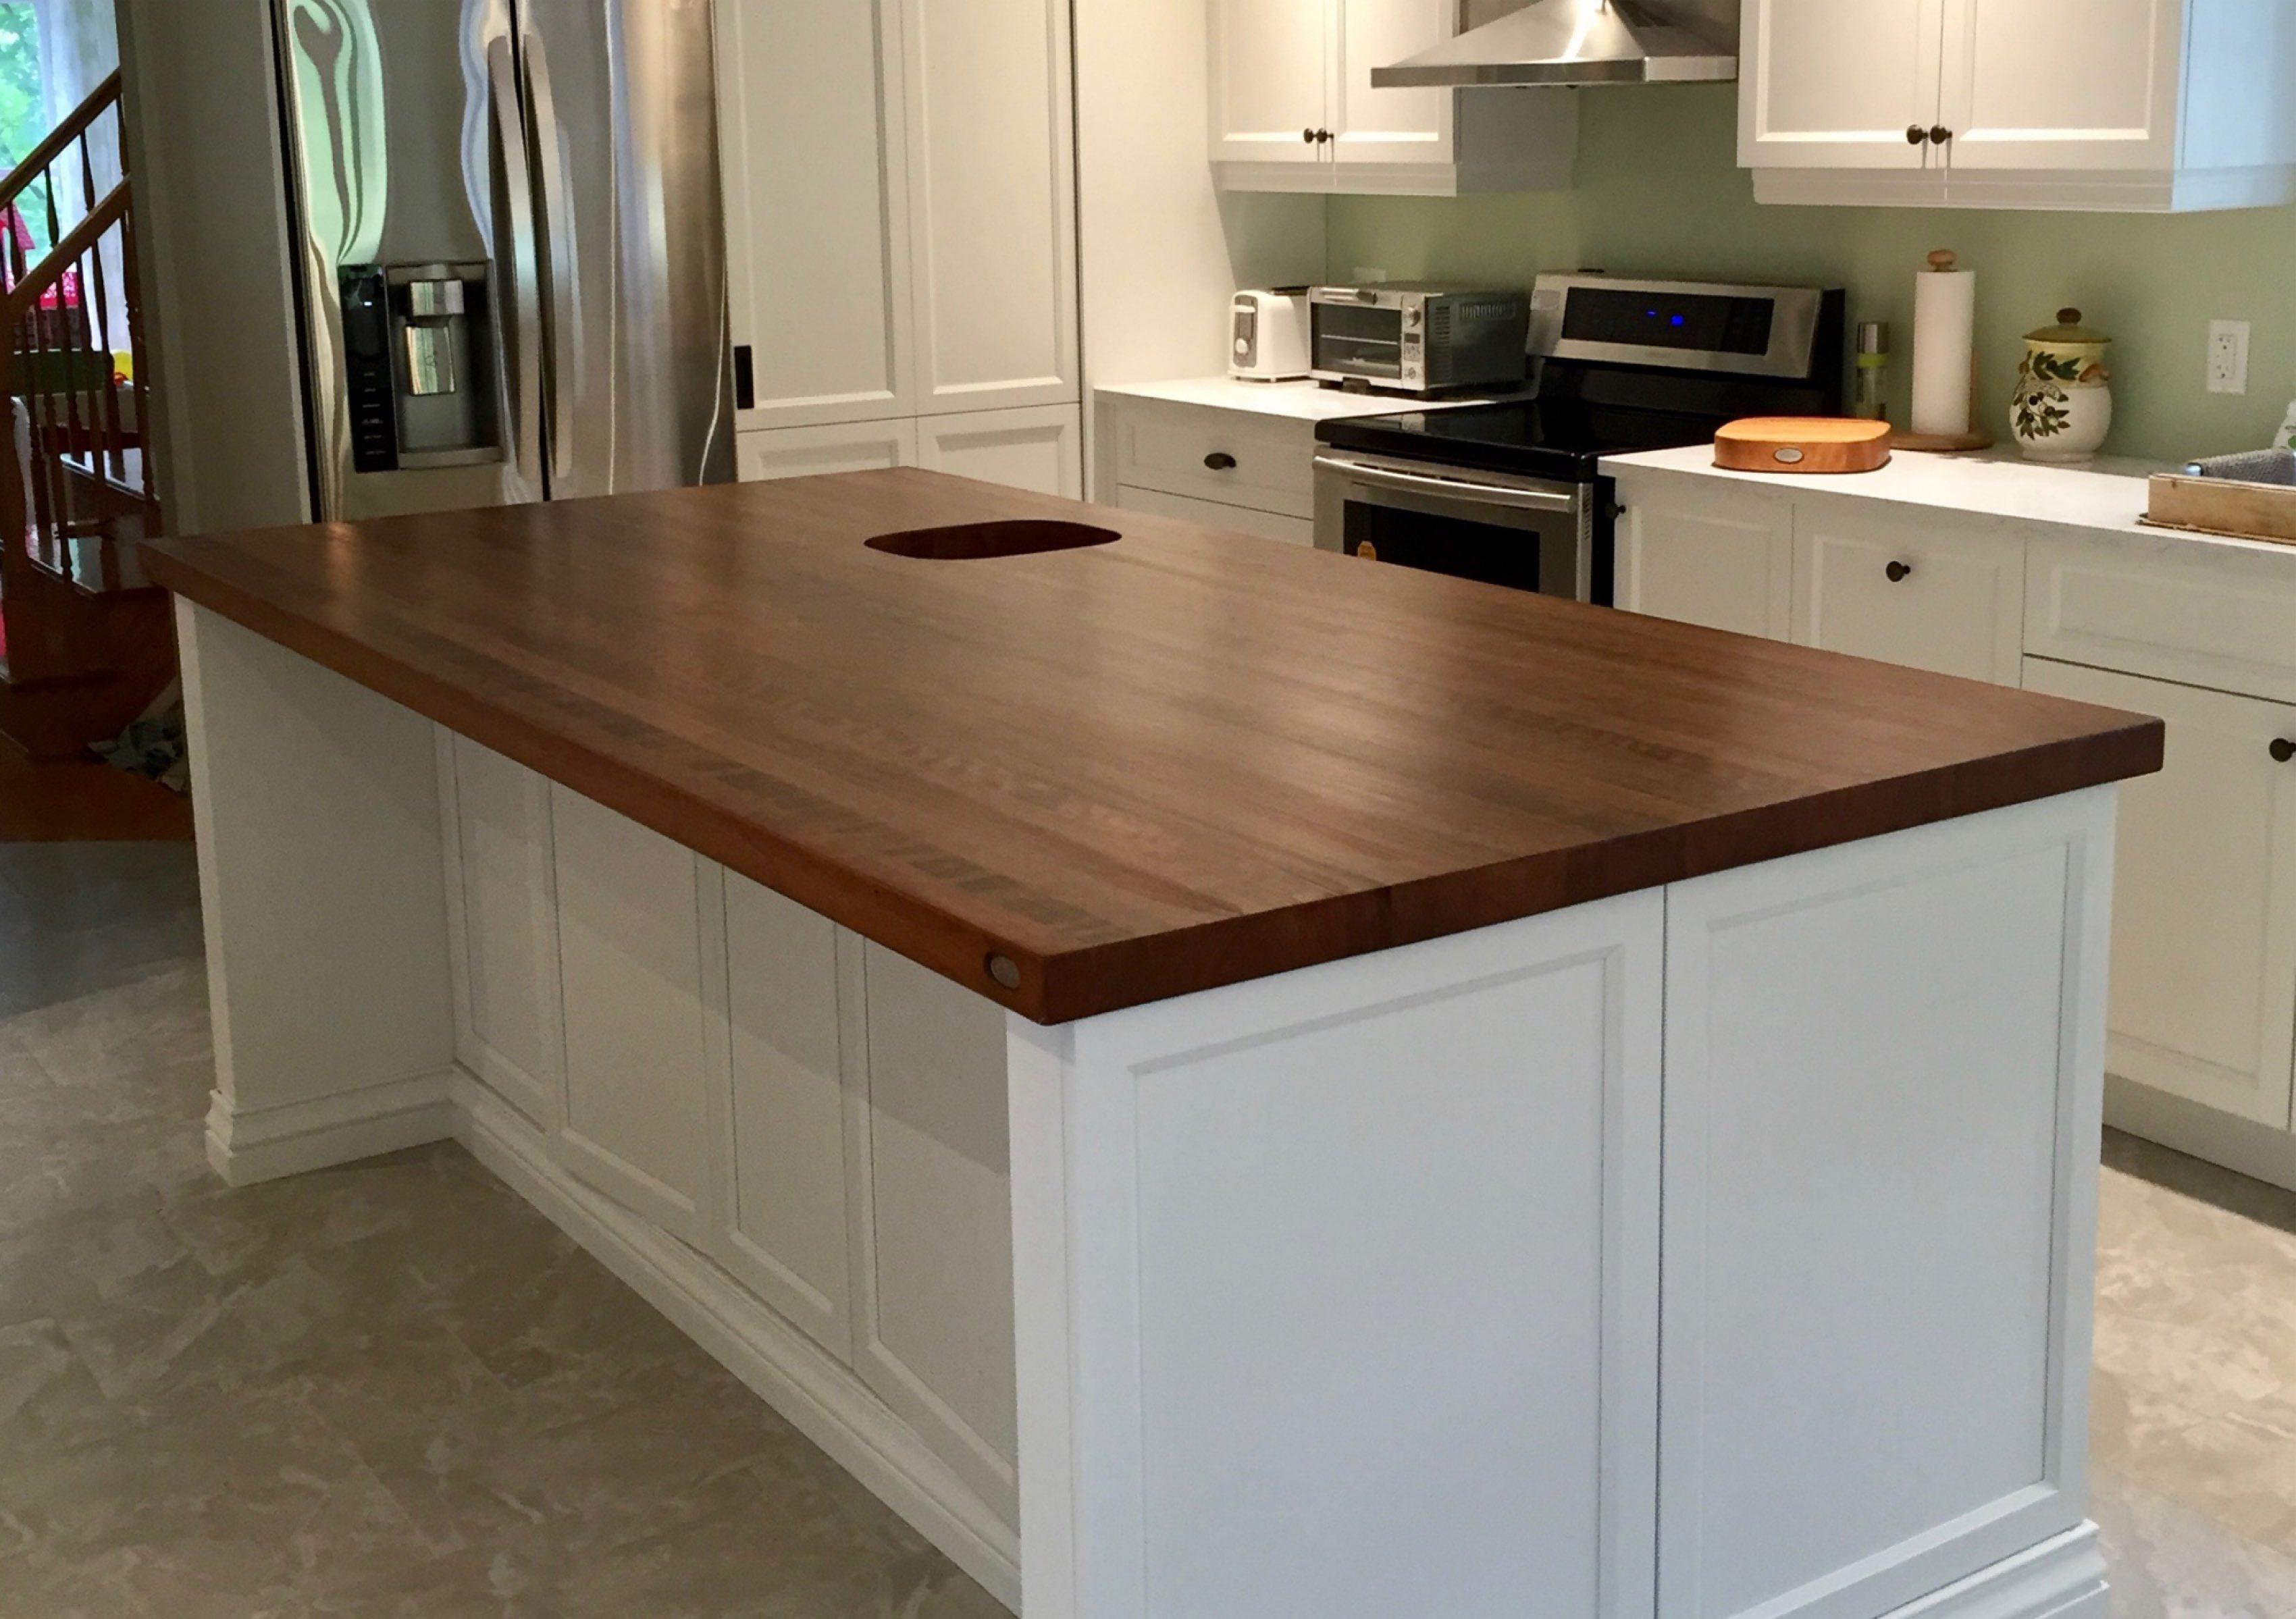 Fabriquer Un Bar En Bois table en bois, comptoir, bloc de boucher et ilôt de cuisine